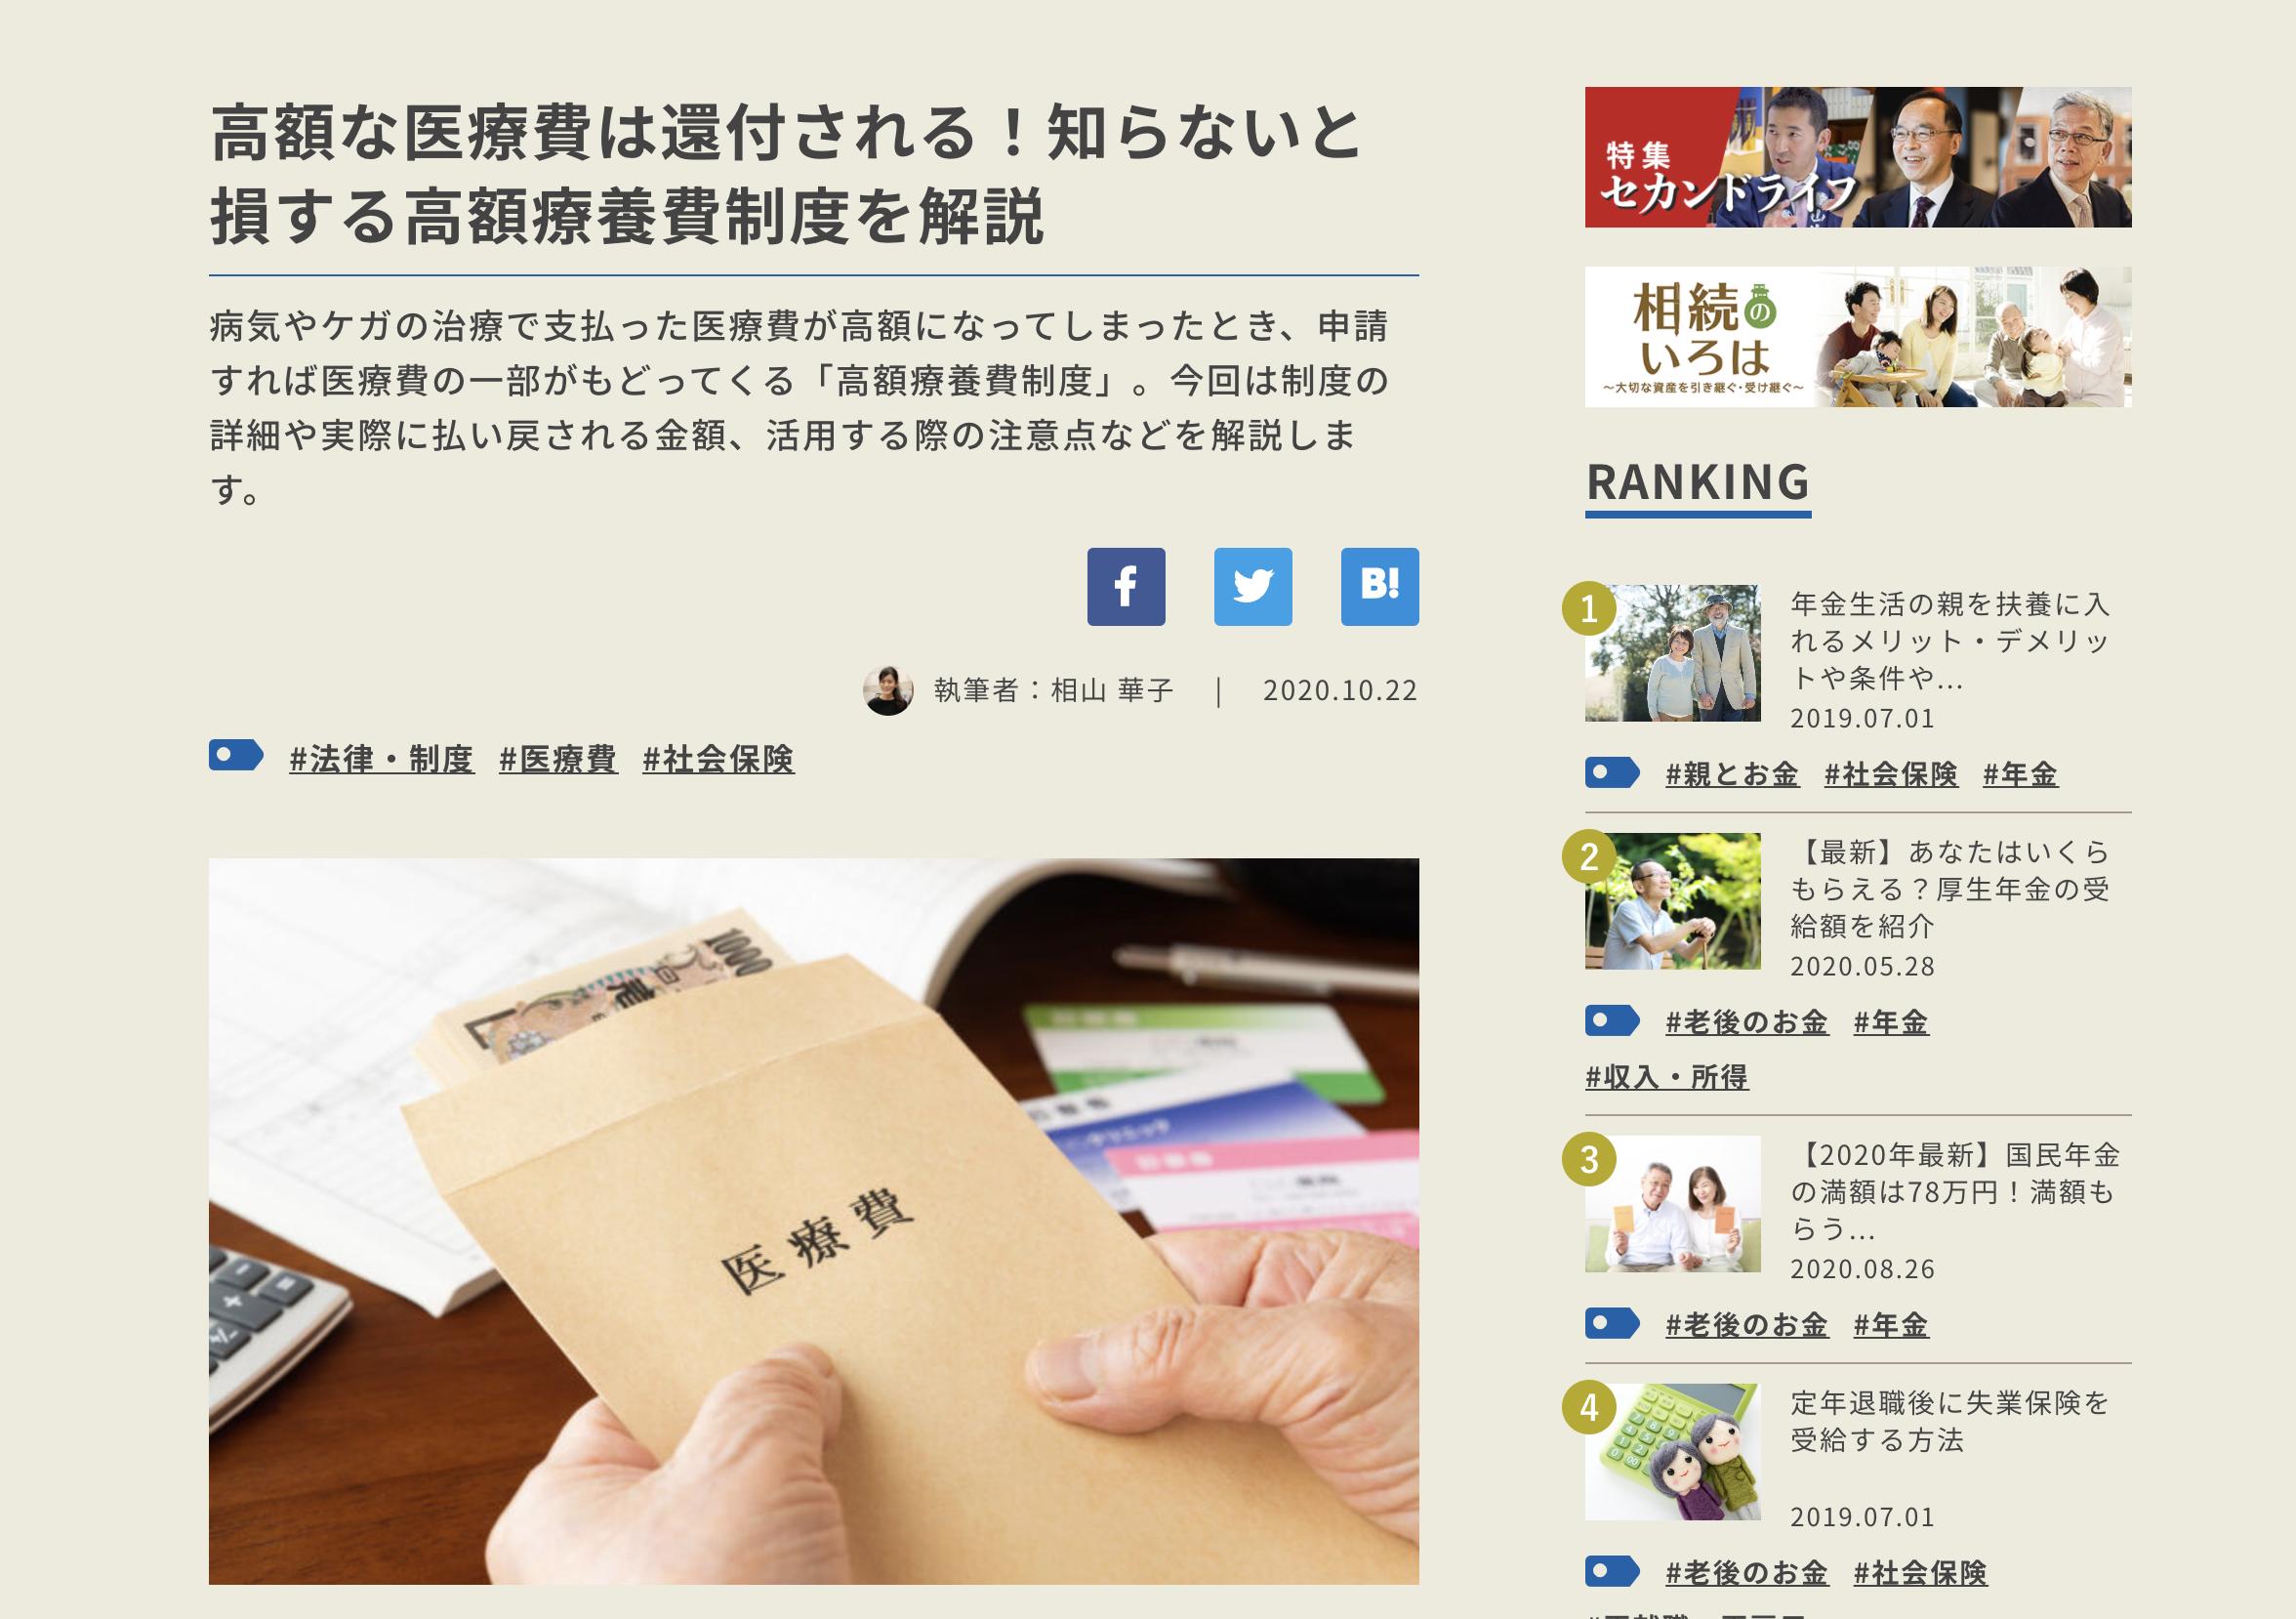 三菱UFJ信託銀行 様 Webサイト金融コラム